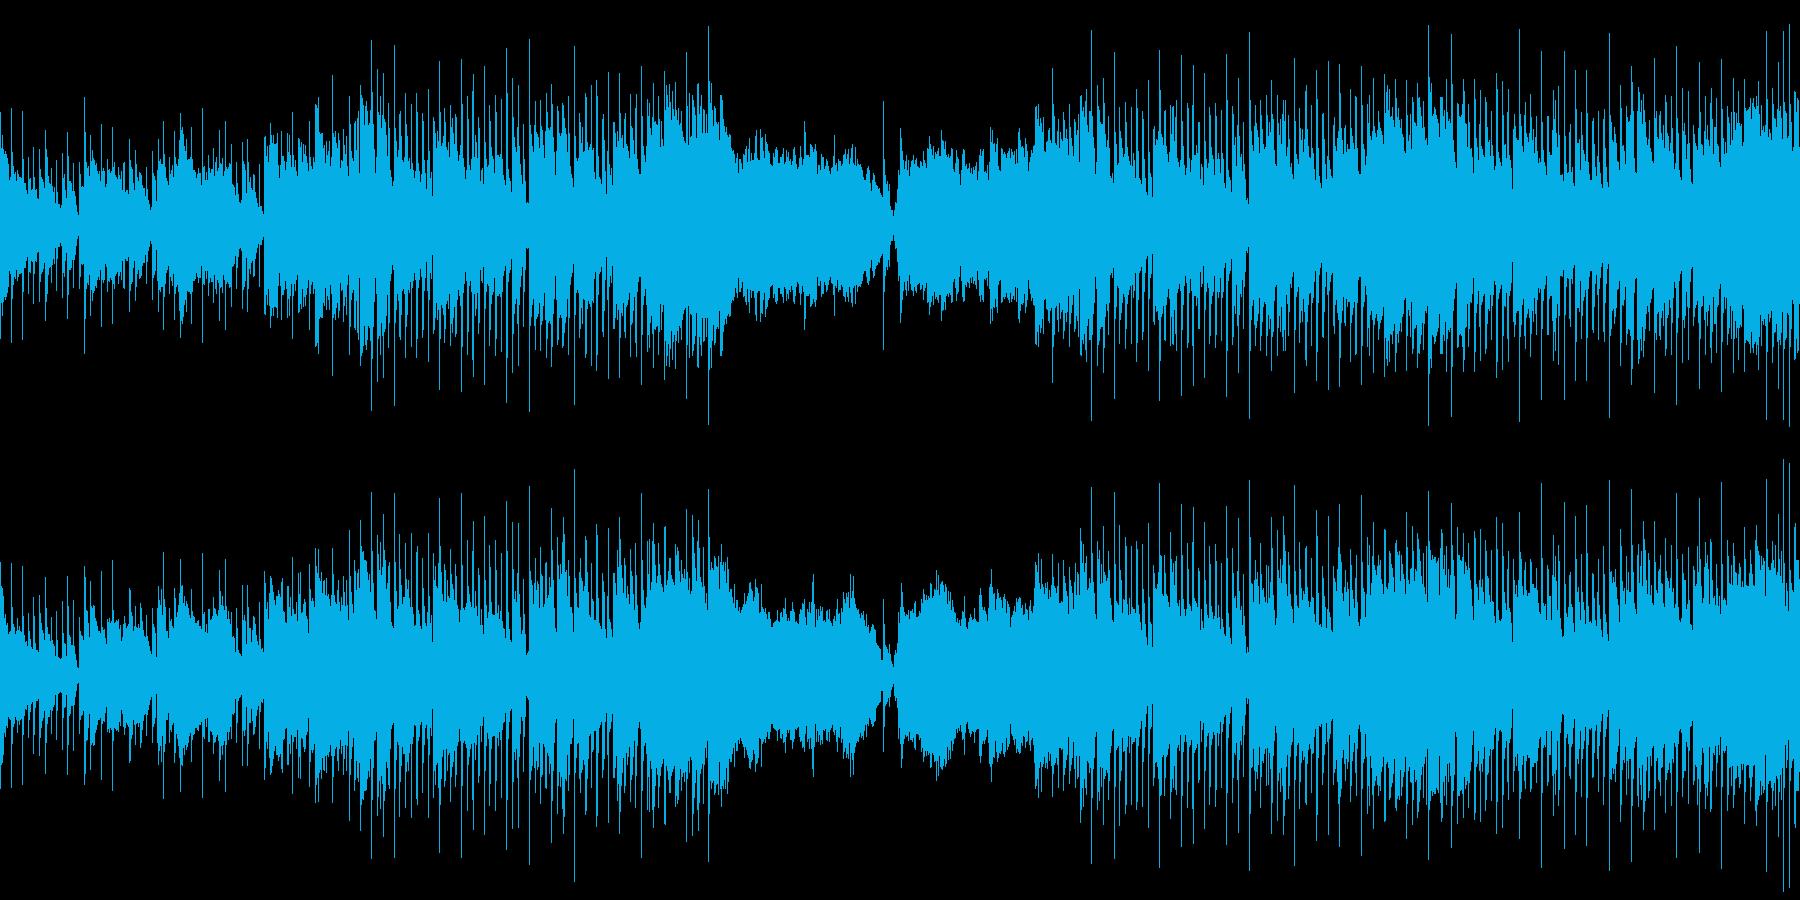 ほのぼの・ドキュメンタリー映像・ジャズの再生済みの波形